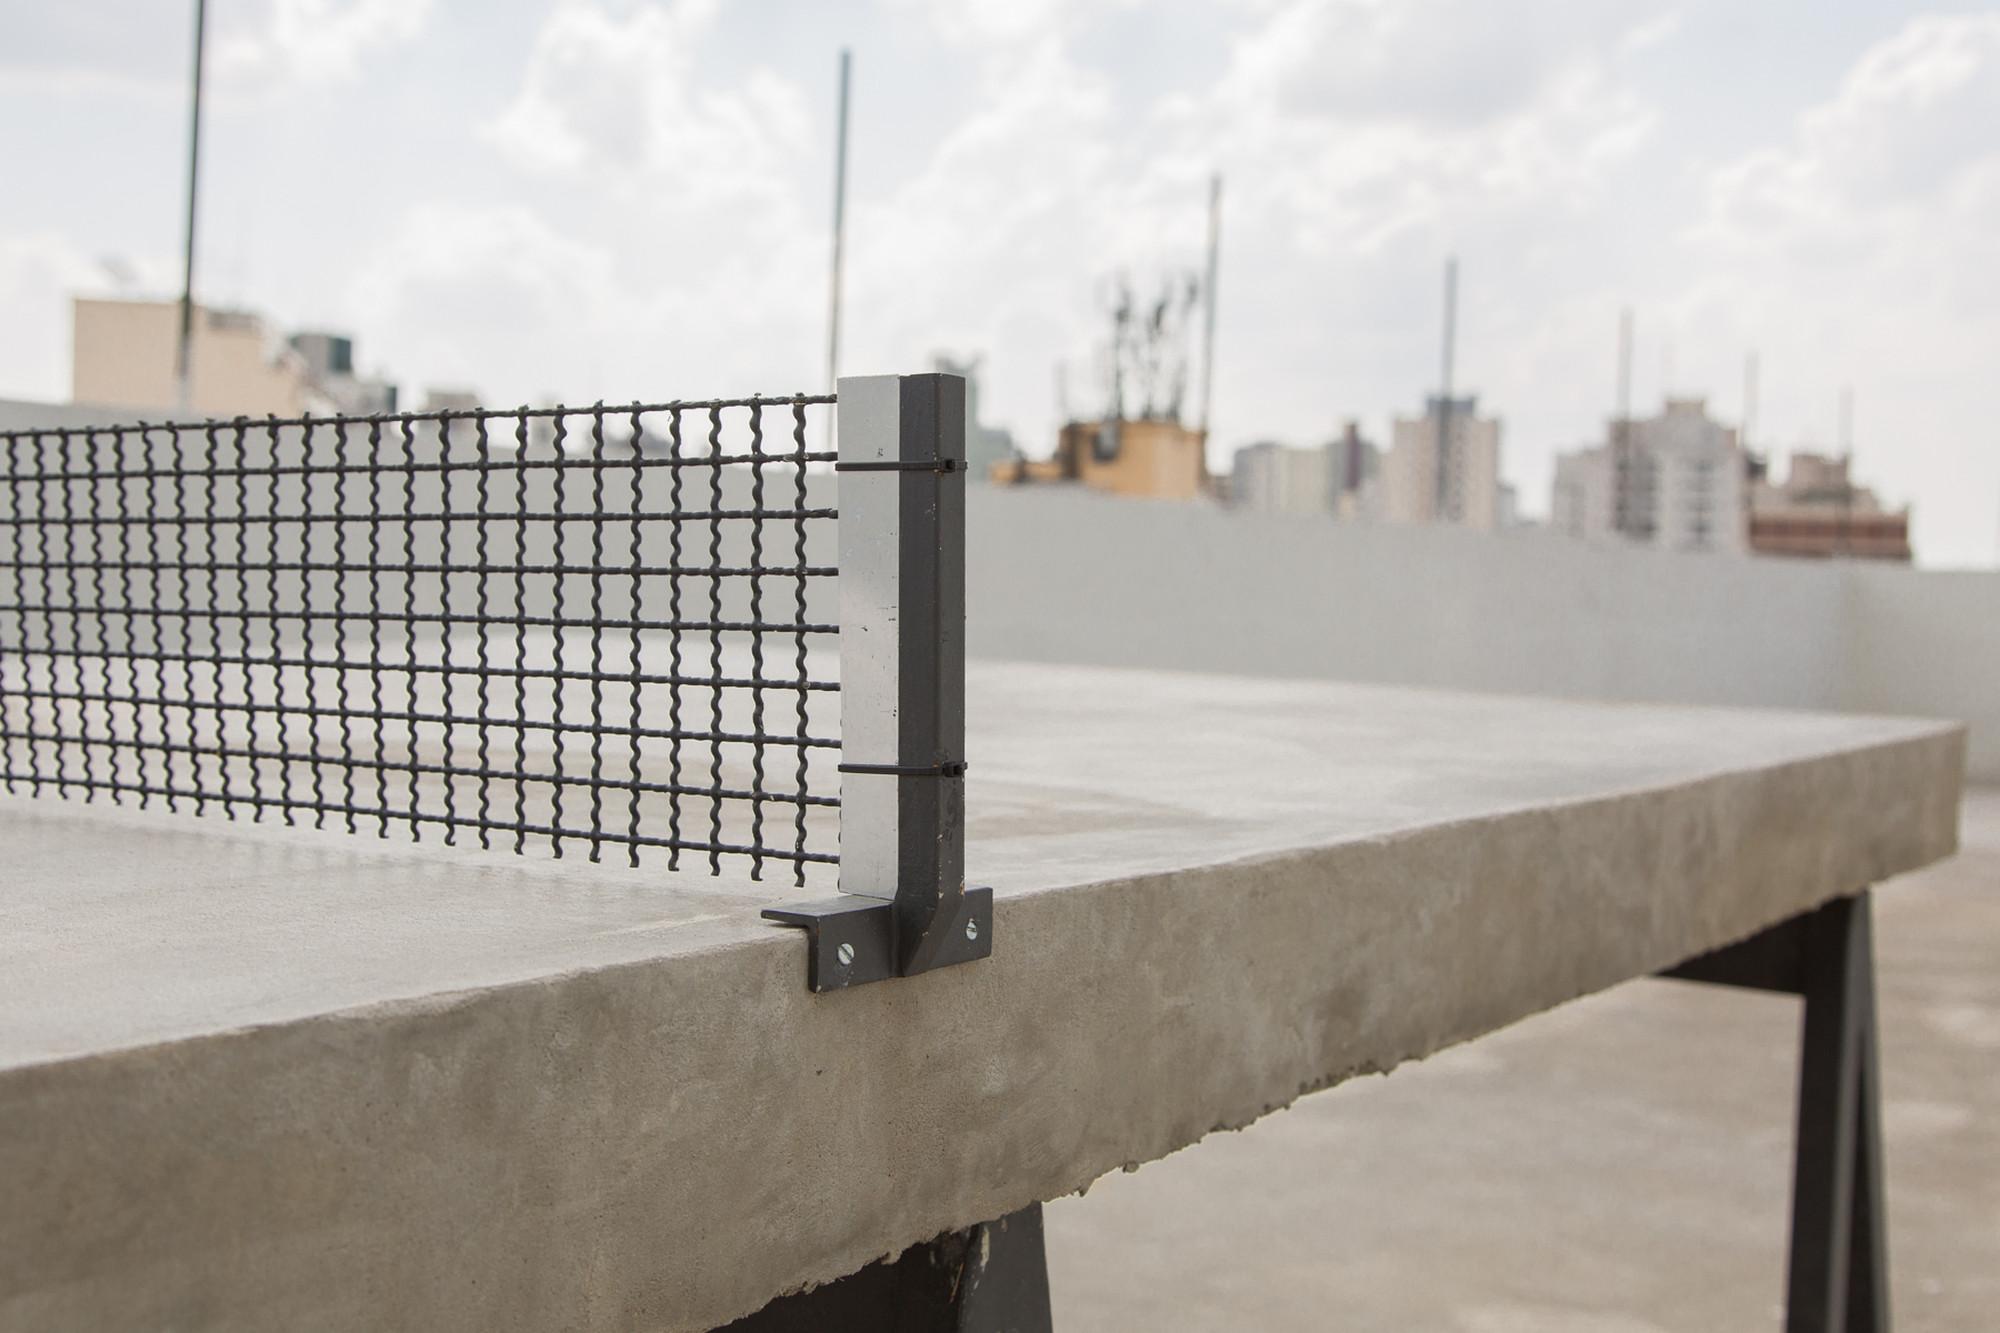 8 Observatório - Acareação - Marcelo Cidade, Desvio pós-estruturalista das causas transcendentais para os efeitos imanentes